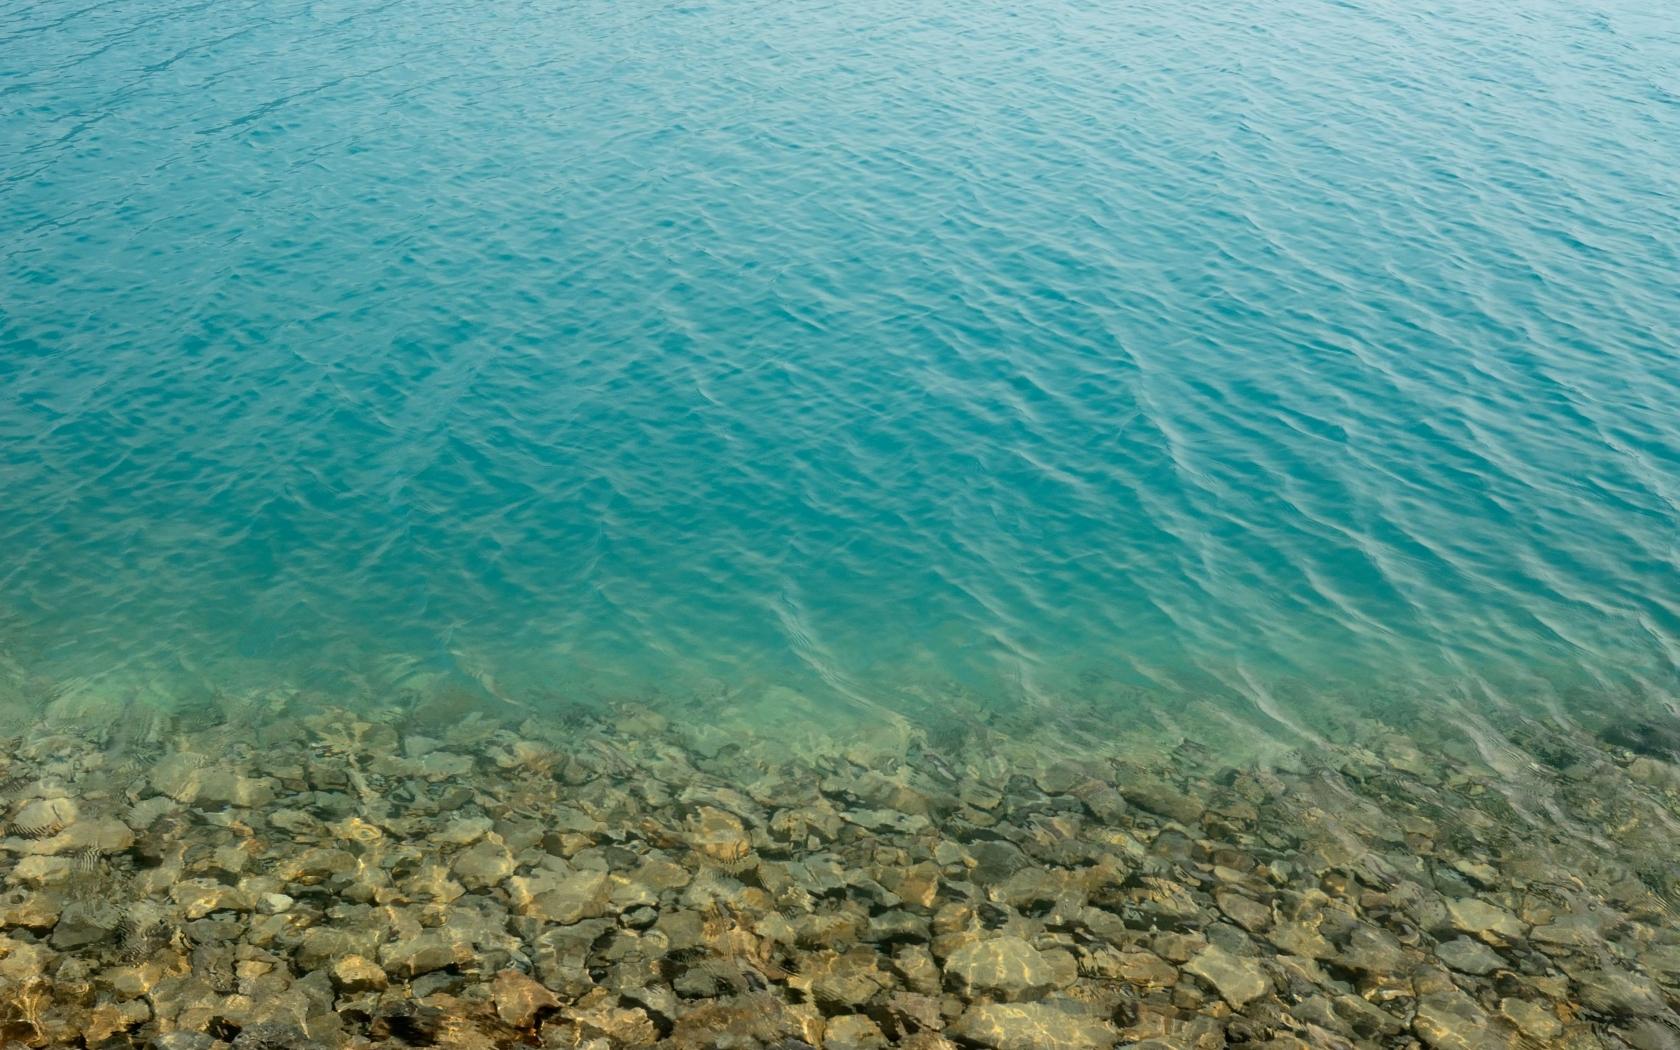 El agua de los lagos - 1680x1050